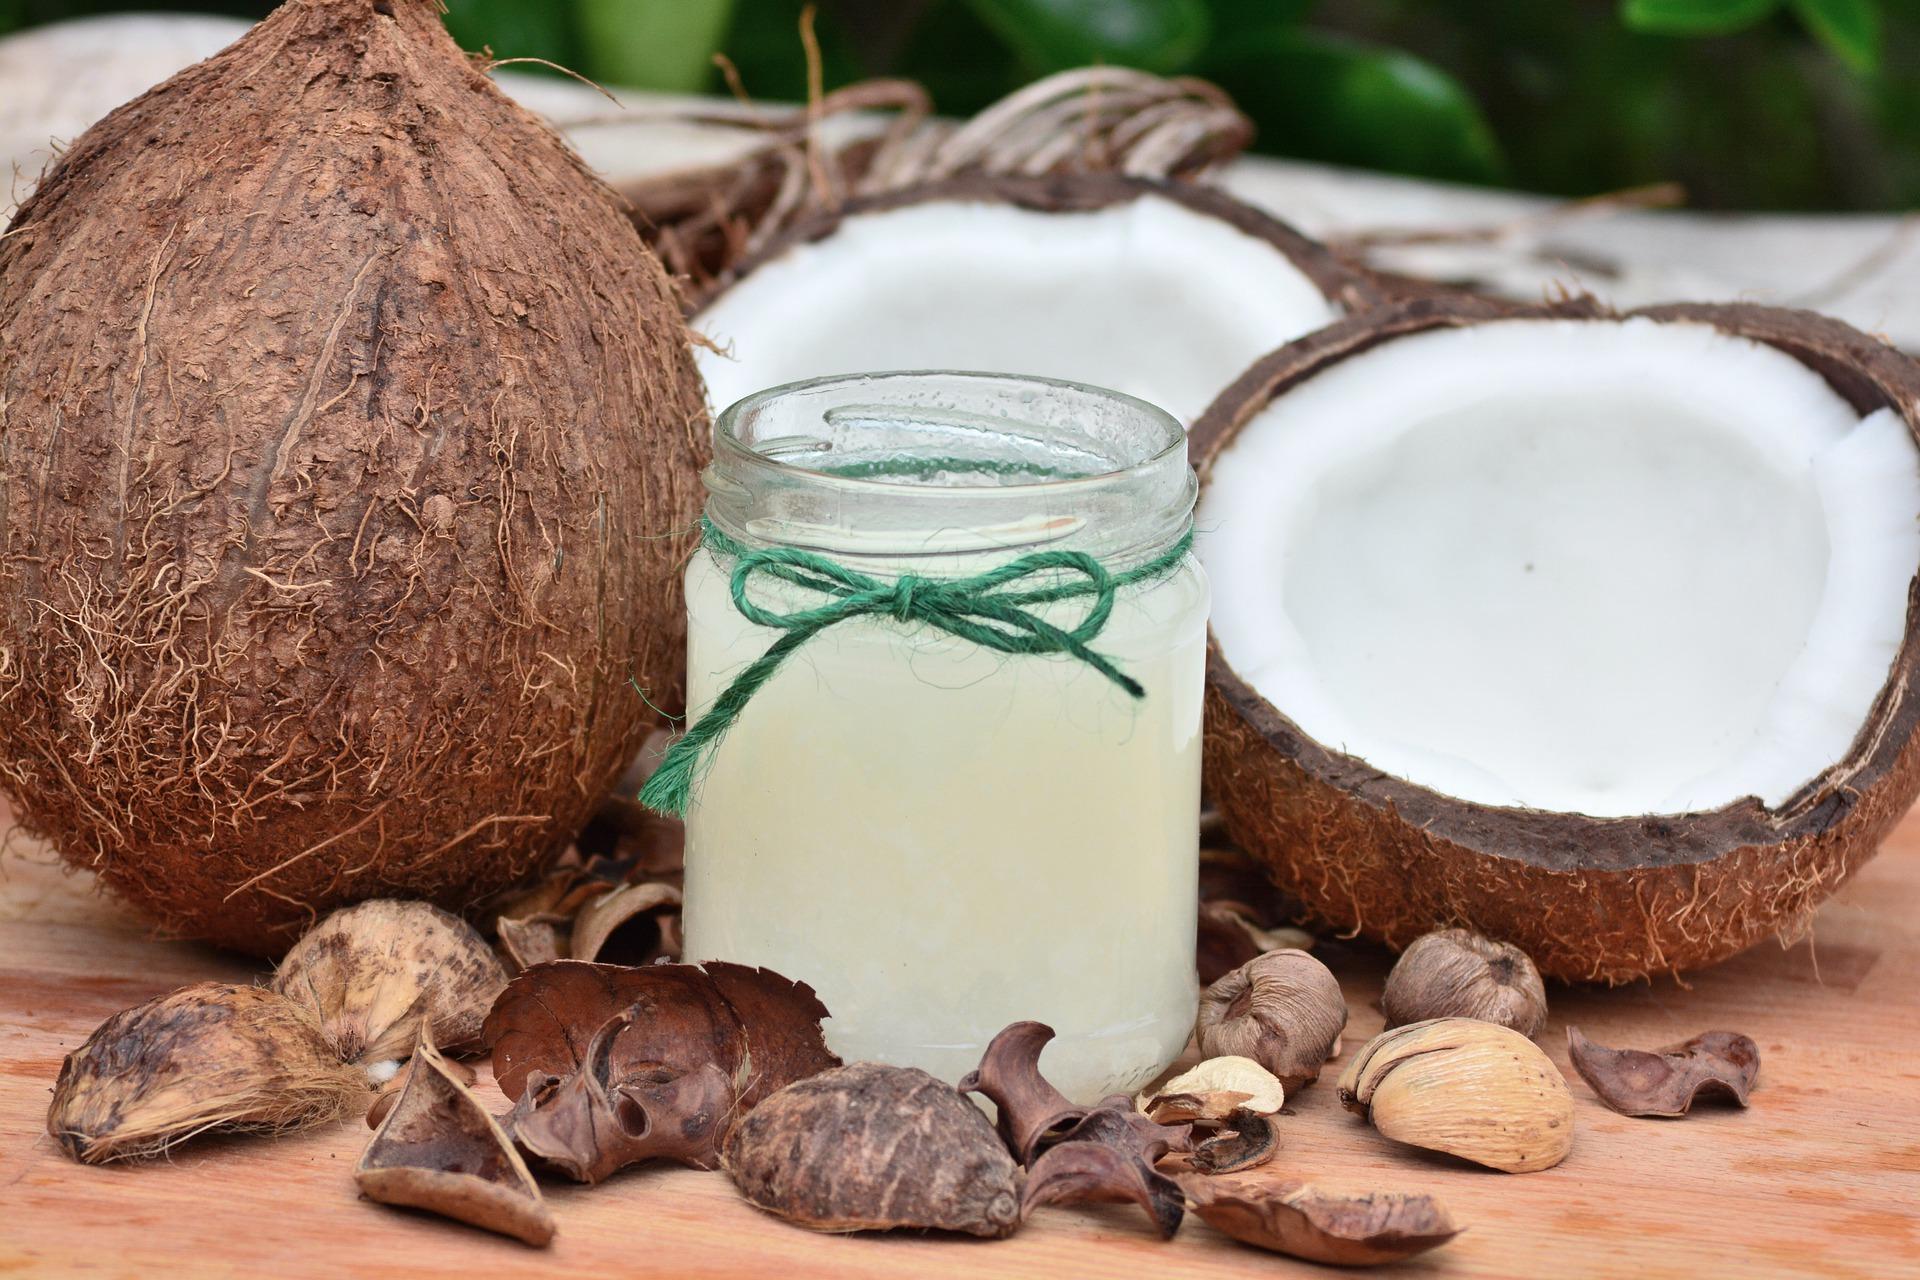 Dobroczynne właściwości produktów kokosowych